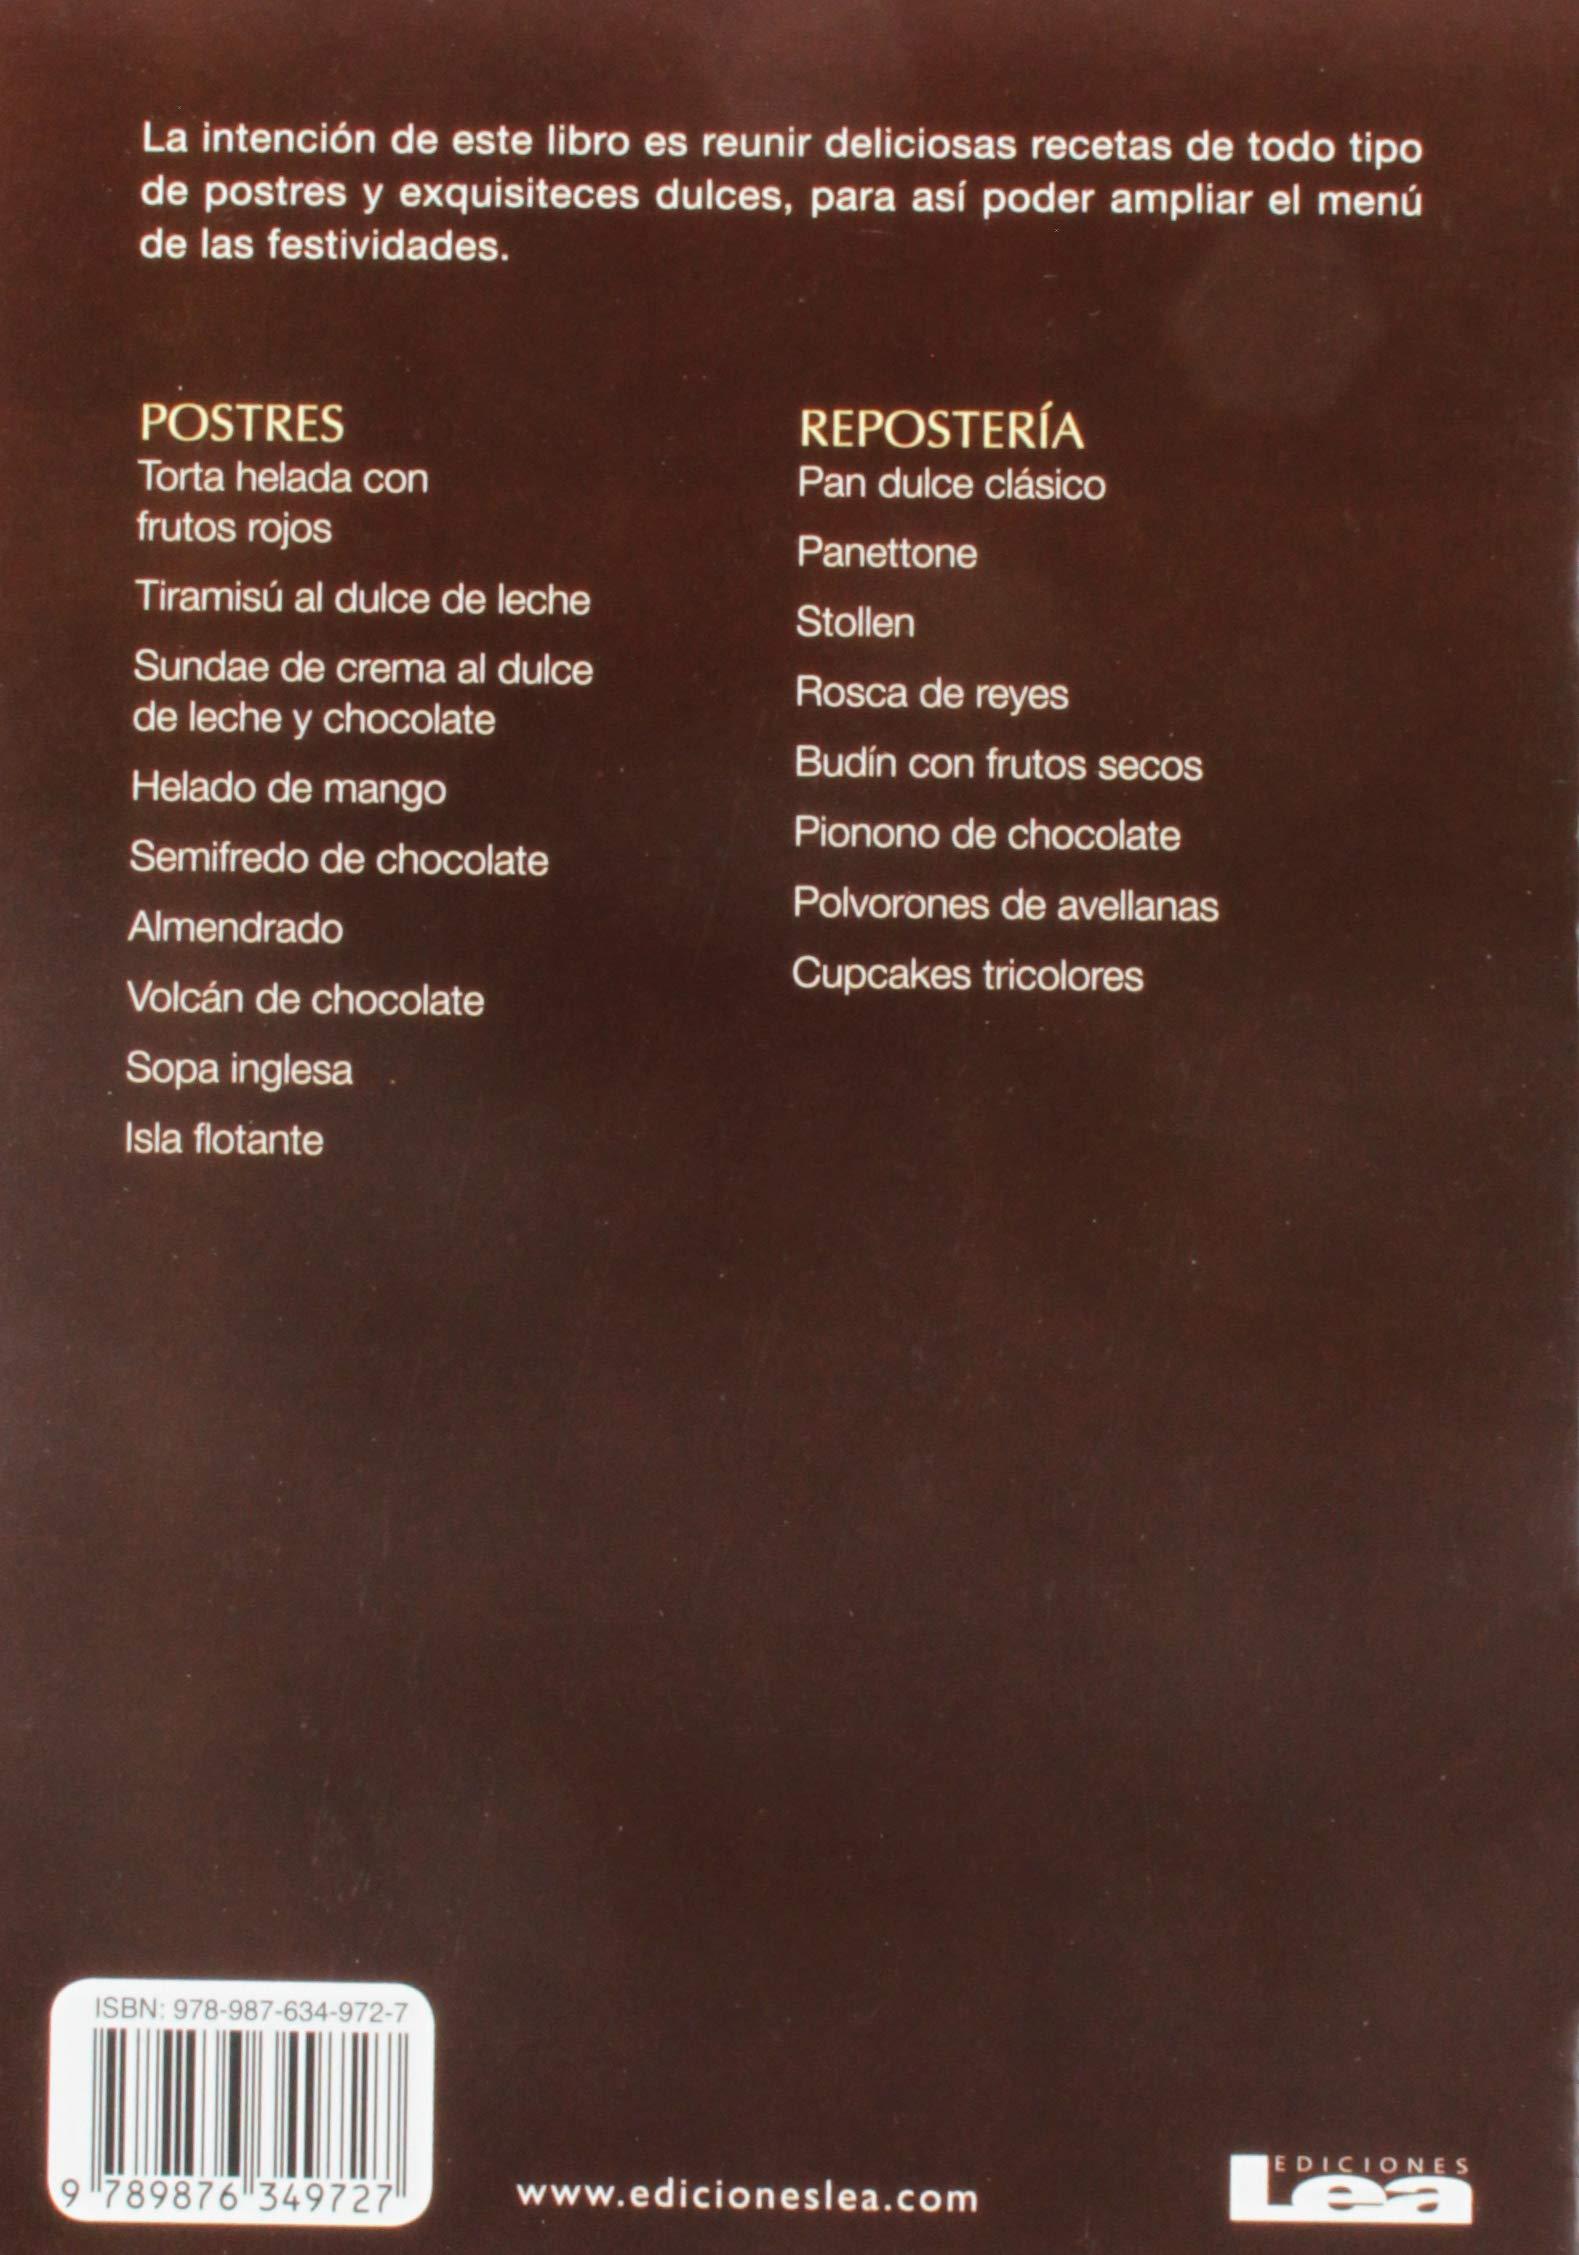 Postres y Reposteria Para Las Fiestas: Amazon.es: Maria Nunez Quesada: Libros